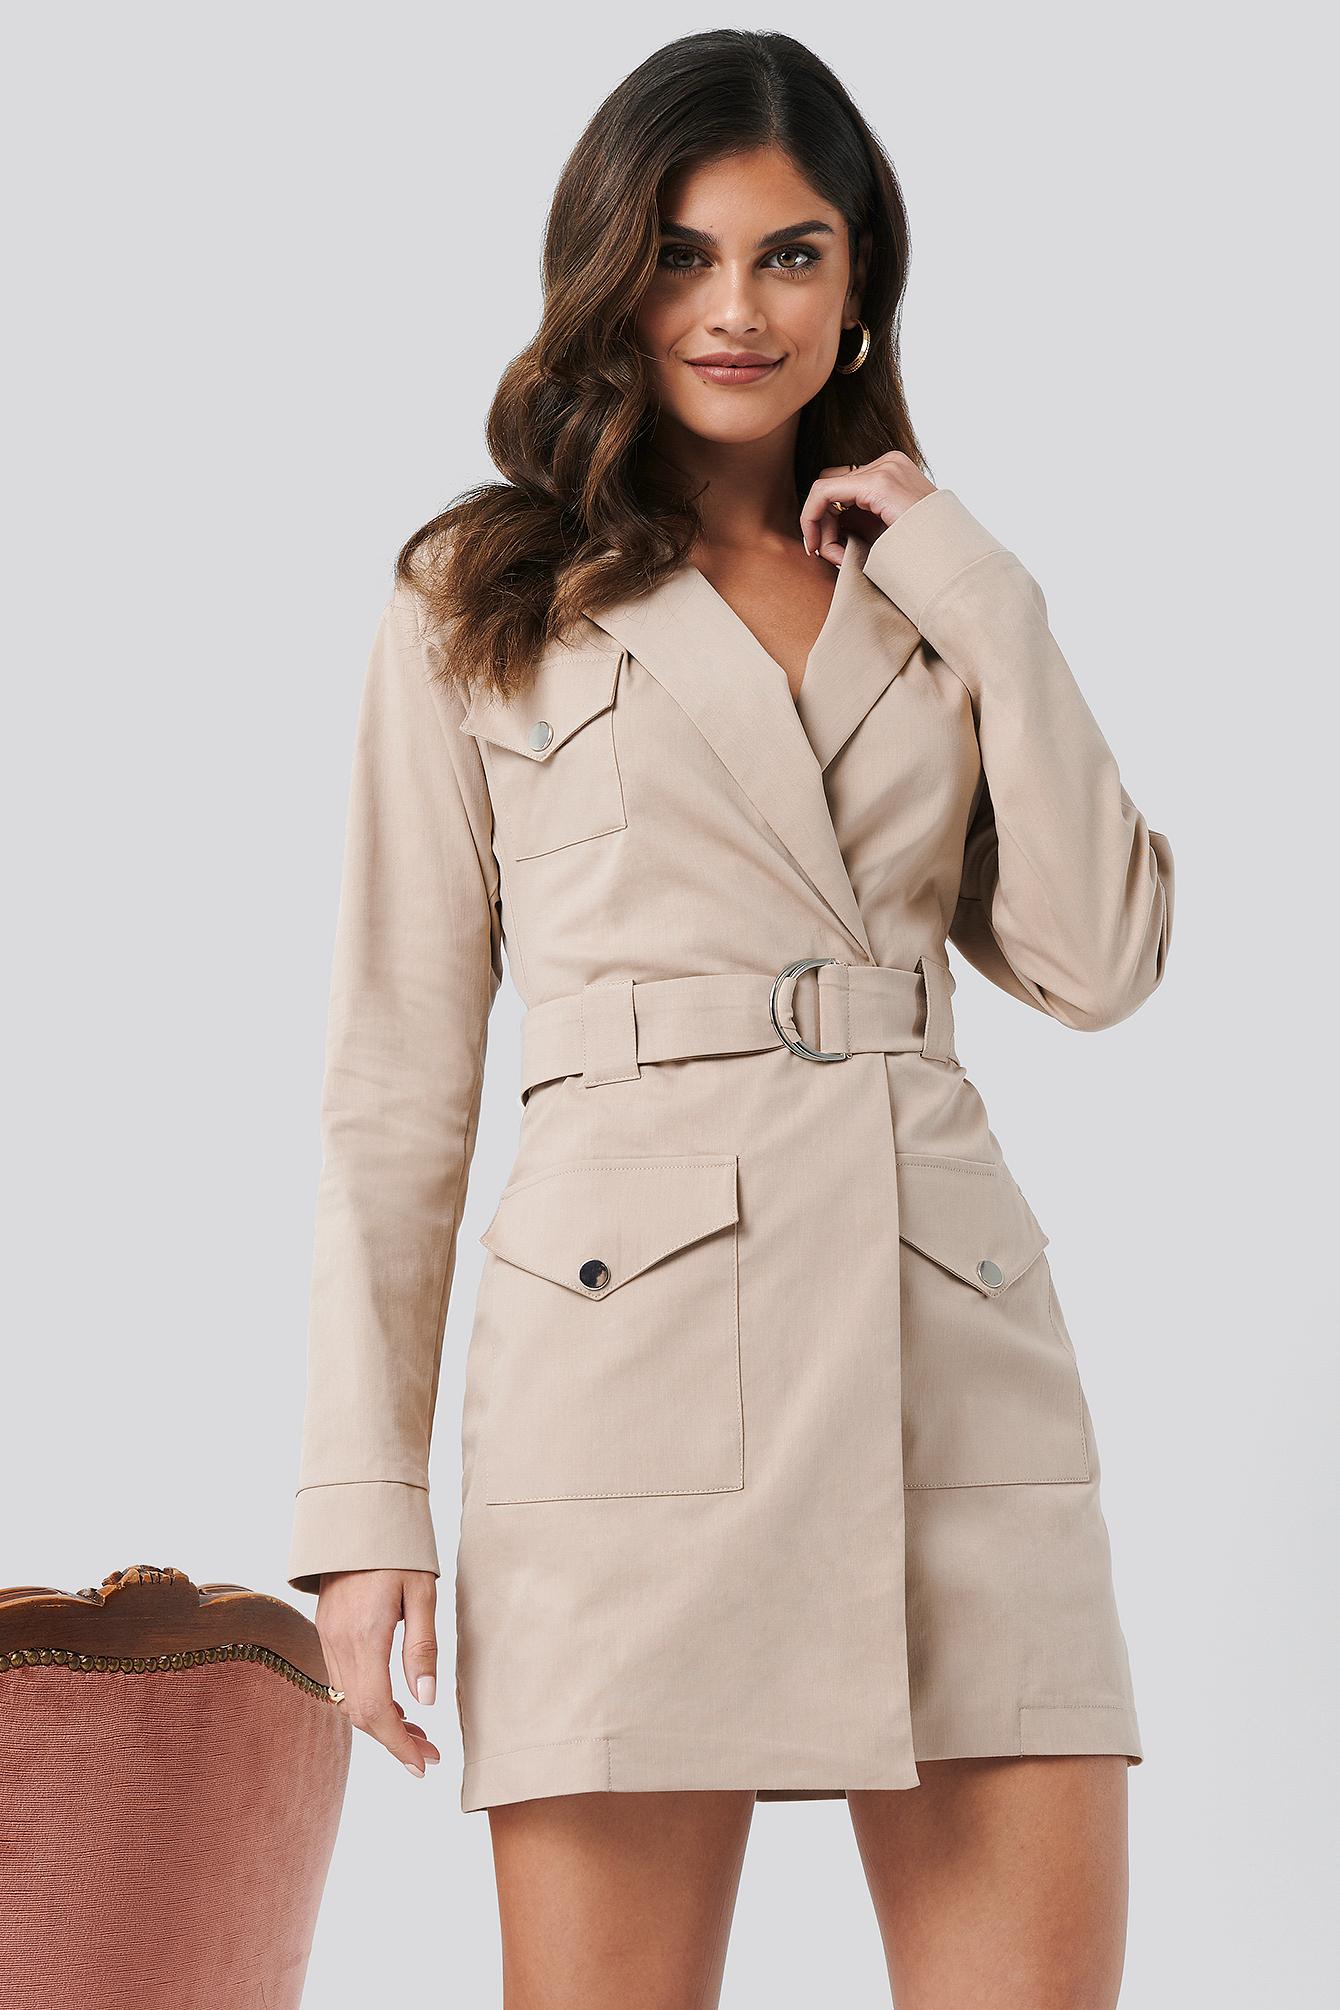 Hannalicious x NA-KD Cargo Blazer Dress - Beige   Bekleidung > Blazer > Cargoblazer   Hannalicious x NA-KD